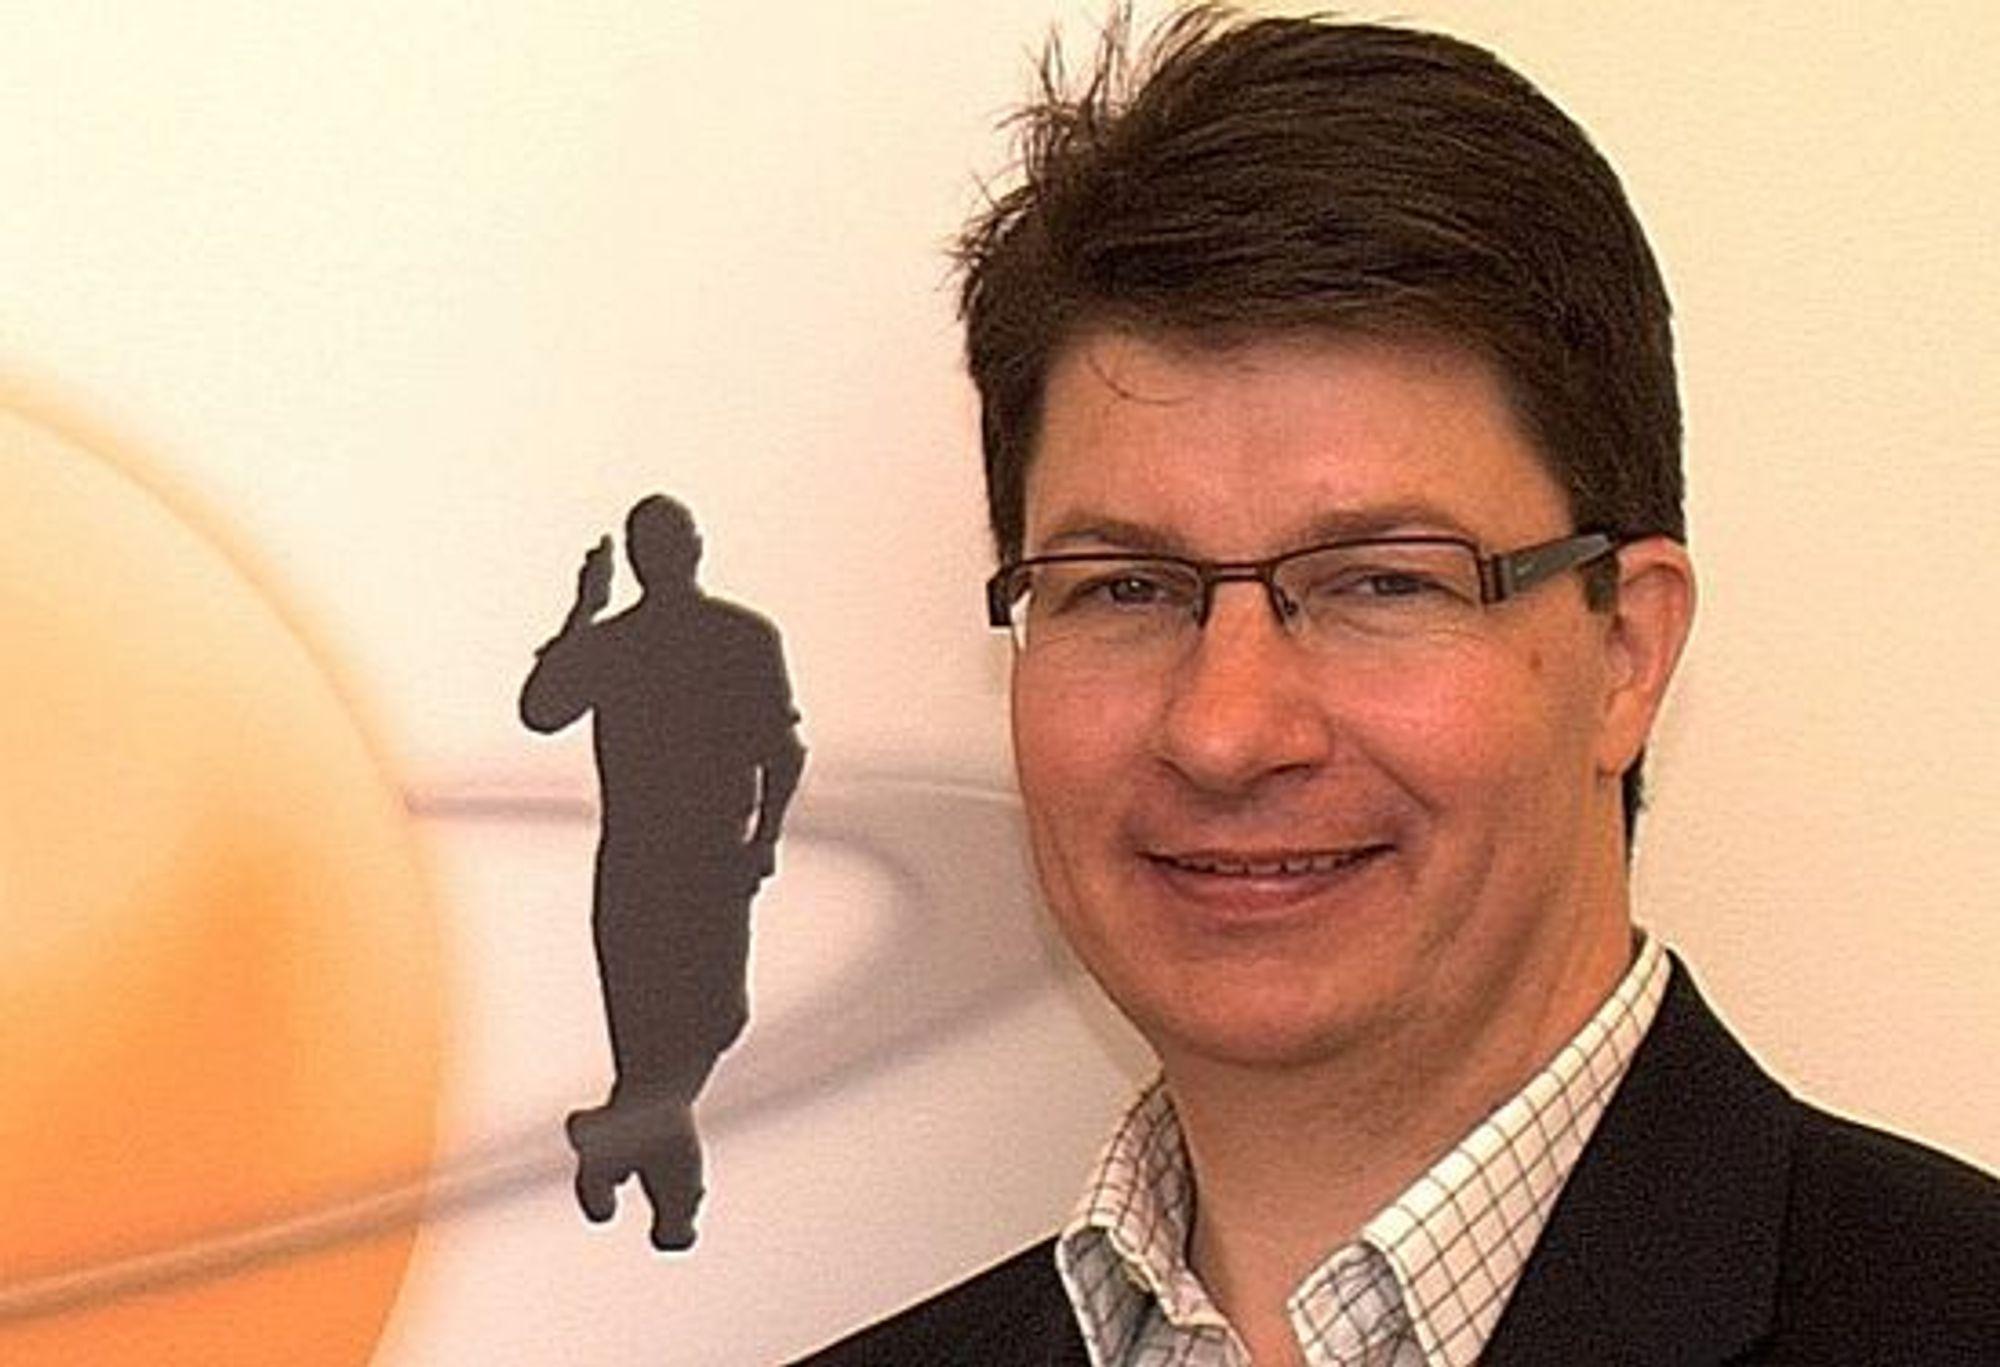 Group talk og toppsjef Magnus Hedberg måtte vente til 3G og 4G var mer utbygget før dees teknologi kunne tas i bruk.